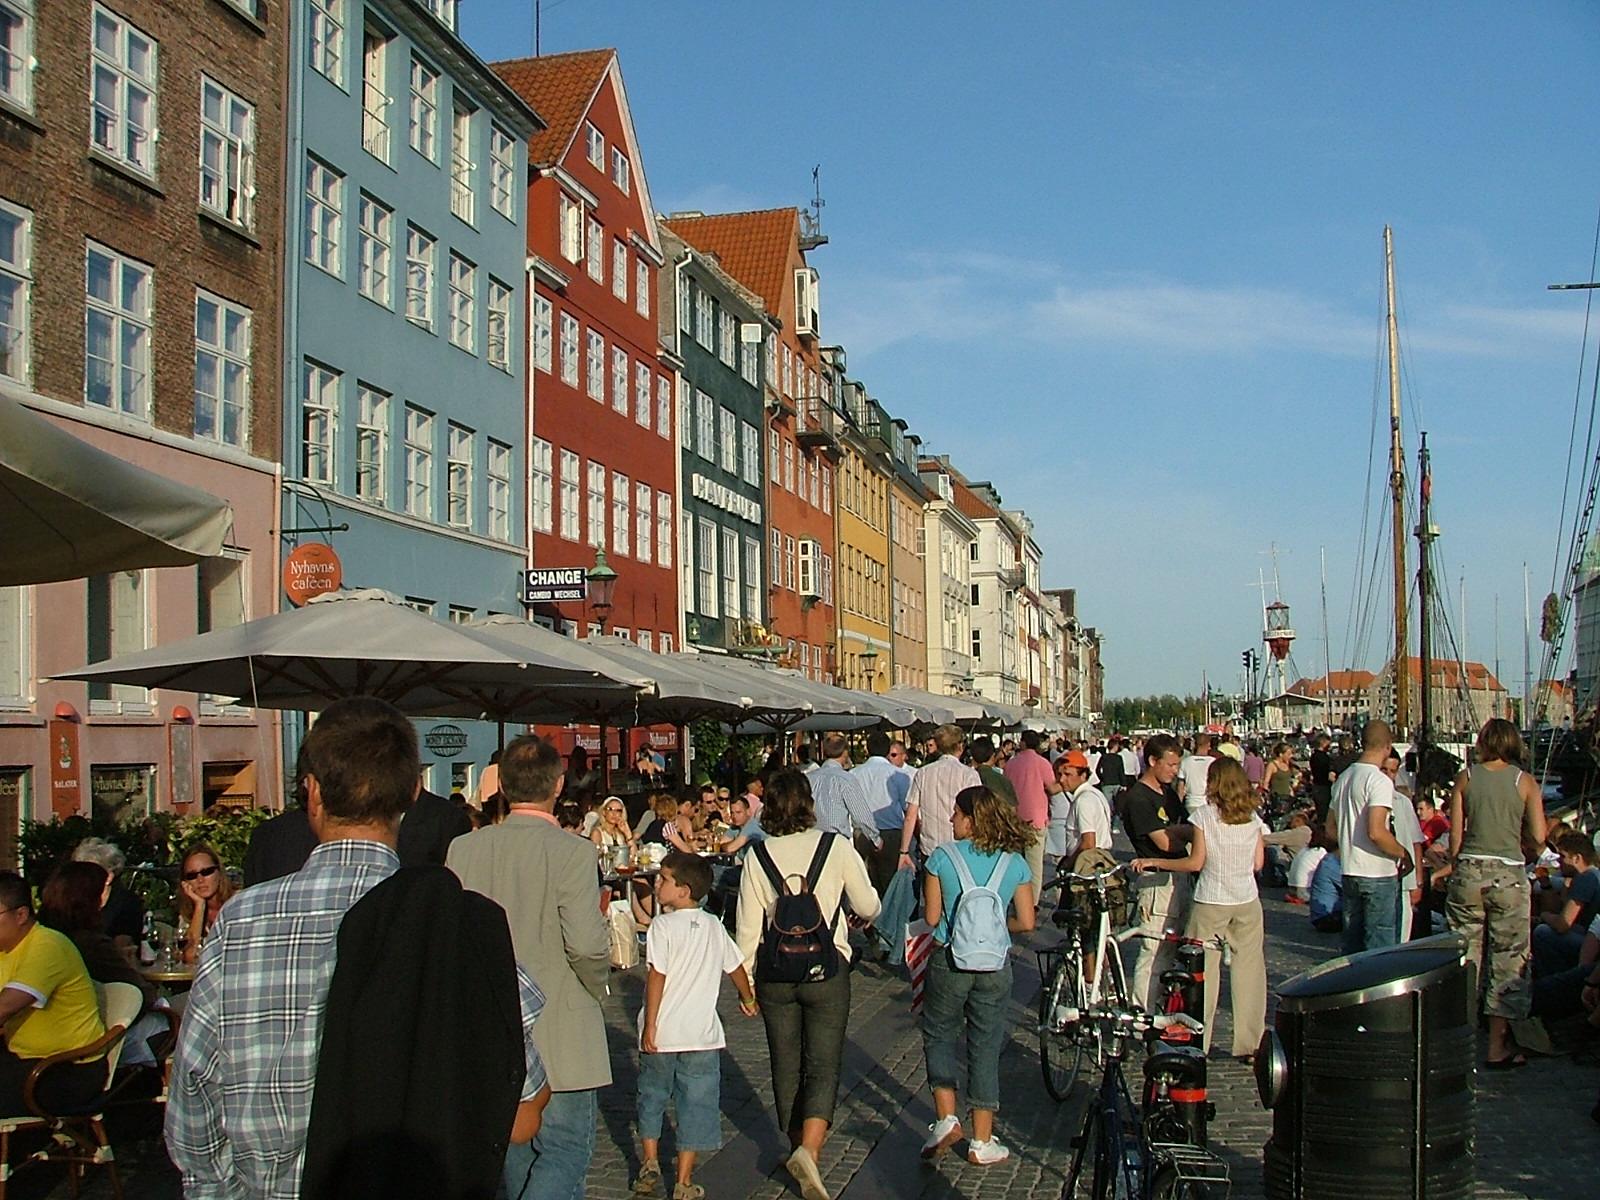 """Der er så mange turister i Nyhavn, at Wonderful Copenhagen stopper med at markedsføre området. """"Men generelt er overturisme ikke et problem for København,"""" lyder det fra Horesta. Arkivfoto: Henrik Baumgarten."""